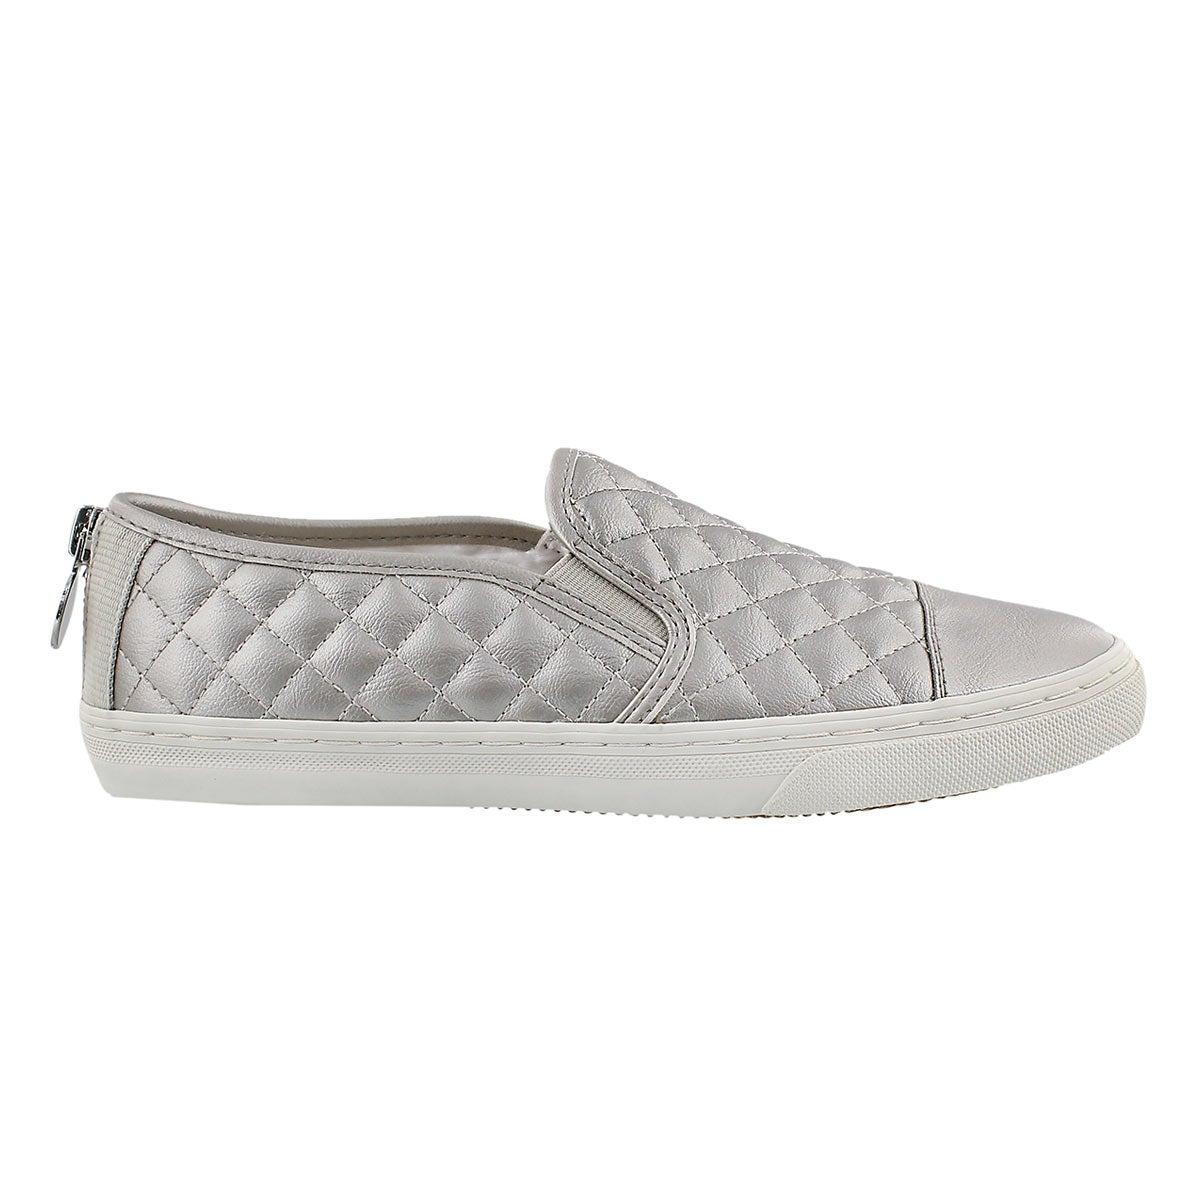 Lds New Club white slip on sneaker